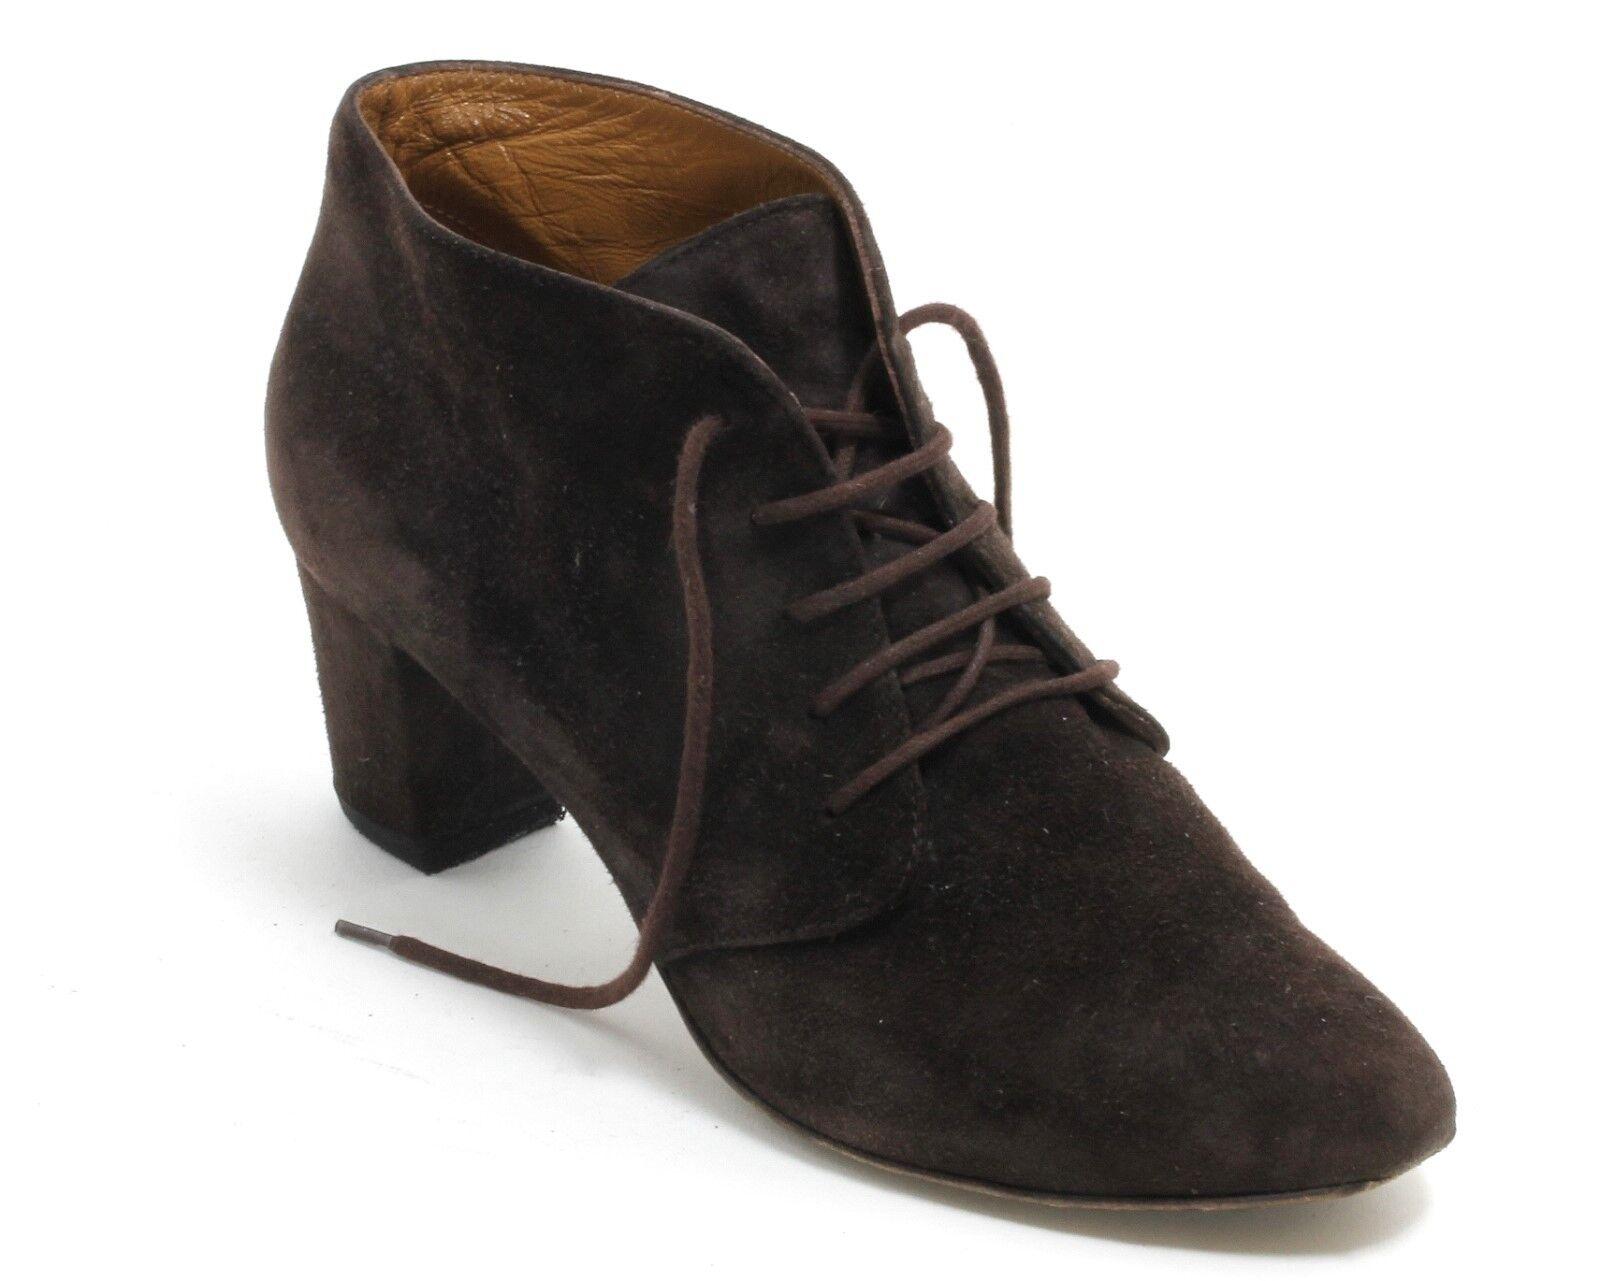 Schnürschuhe Schnürstiefeletten Vintage Schuhe Braun Hobbs London Rauleder 39,5